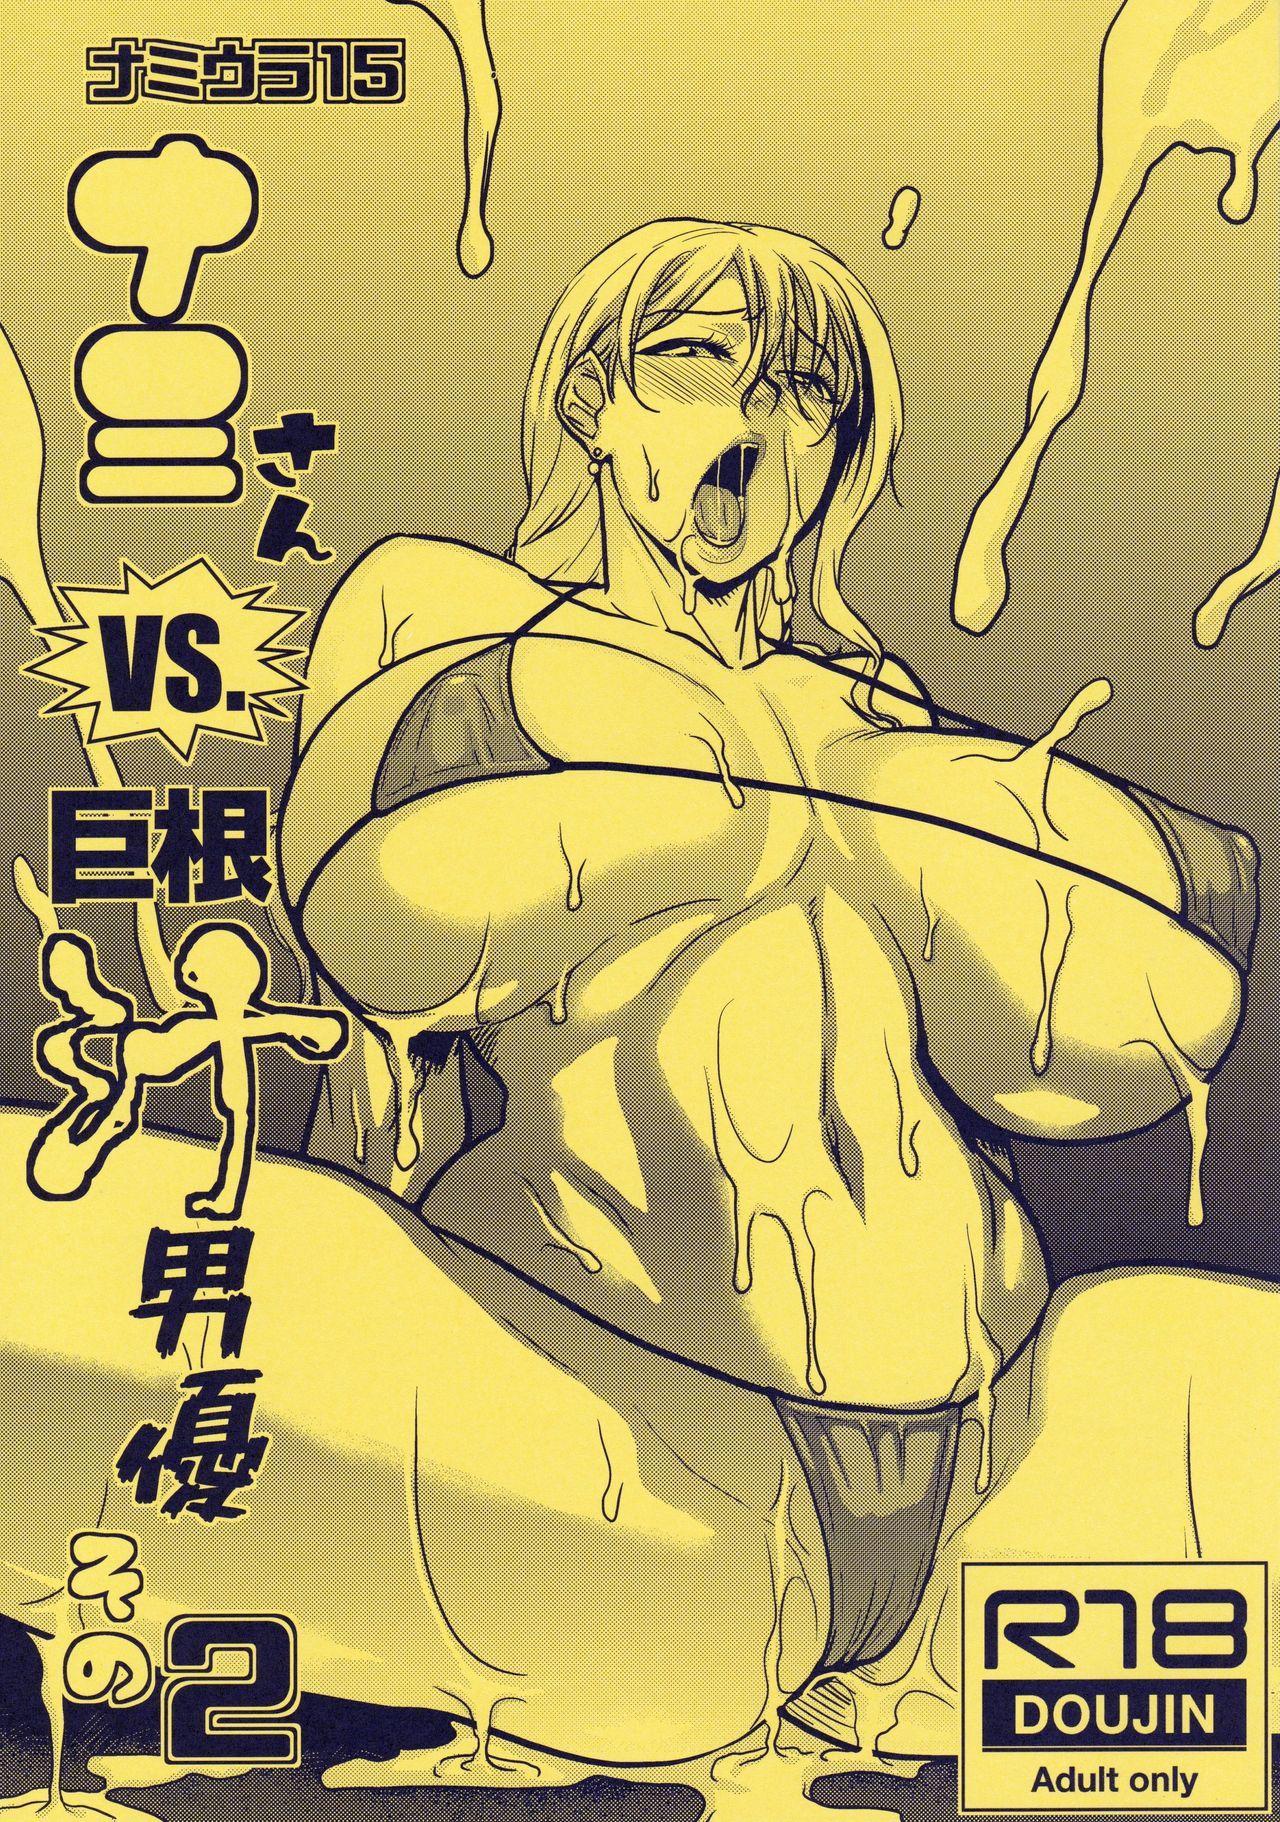 Nami Ura 15 Nami-san VS Kyokon Shiru Danyuu Sono 2 0